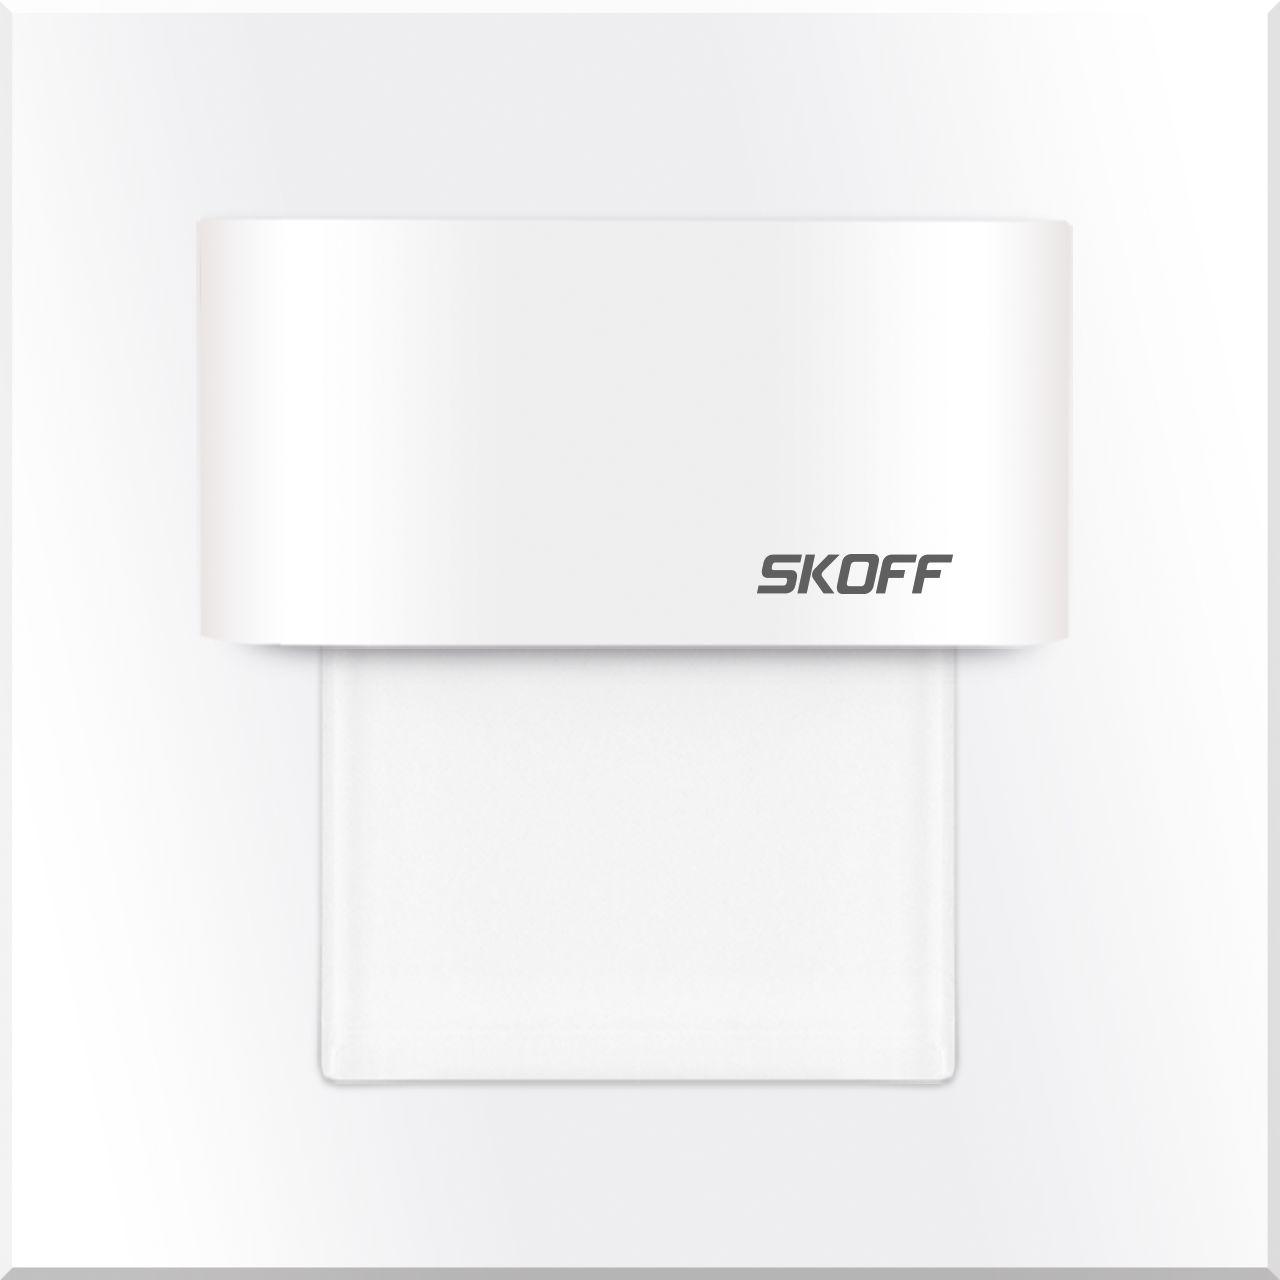 Oprawa schodowa Tango mini Skoff 10V kwadratowa oprawa w kolorze białym